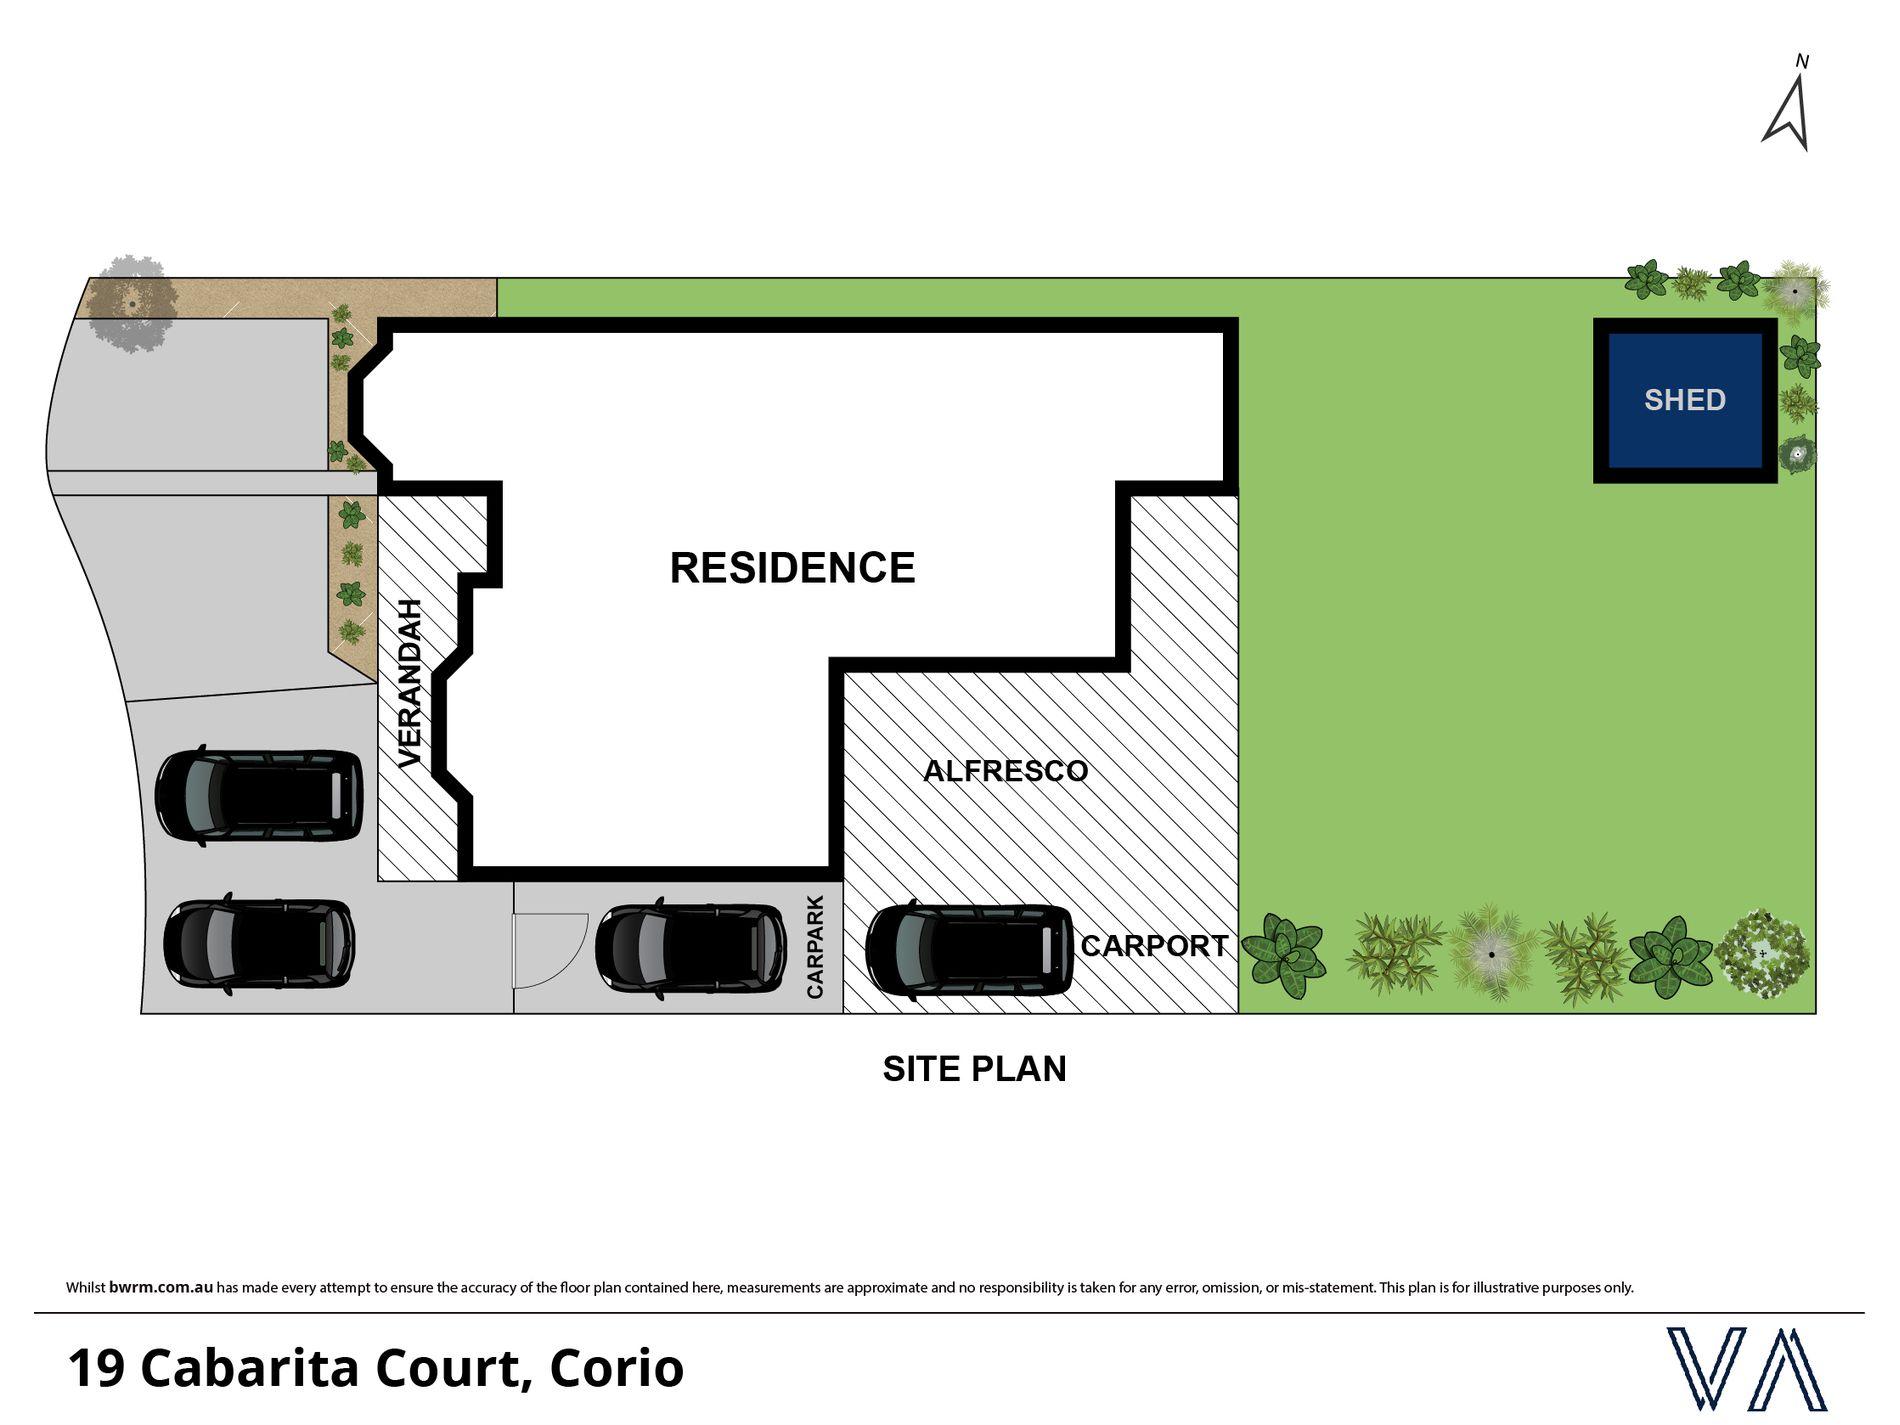 19 Cabarita Court, Corio